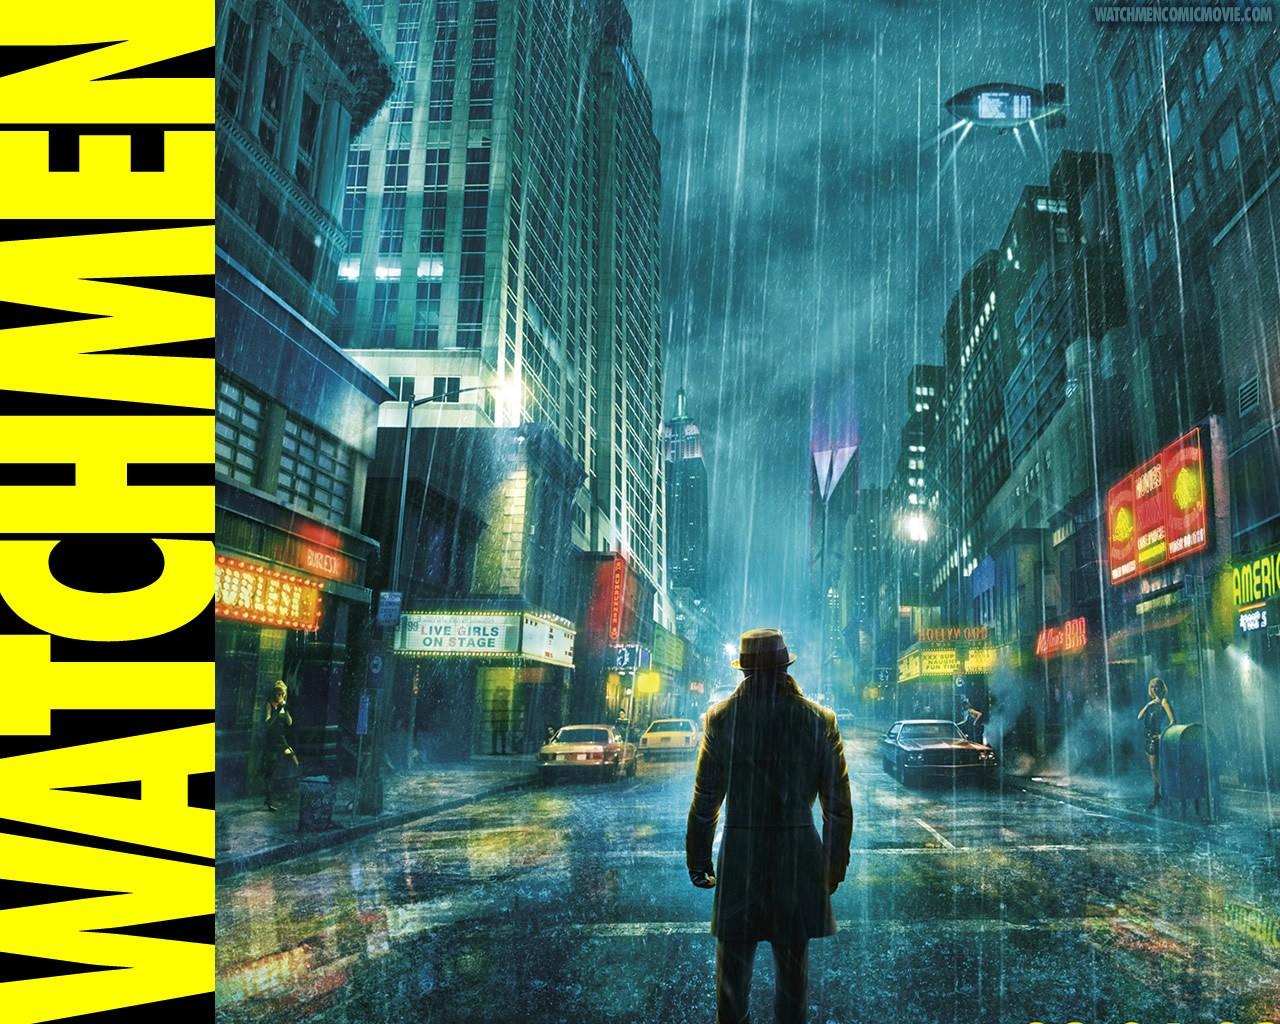 วอลเปเปอร์ : cityscape, ภาพยนตร์, โปสเตอร์